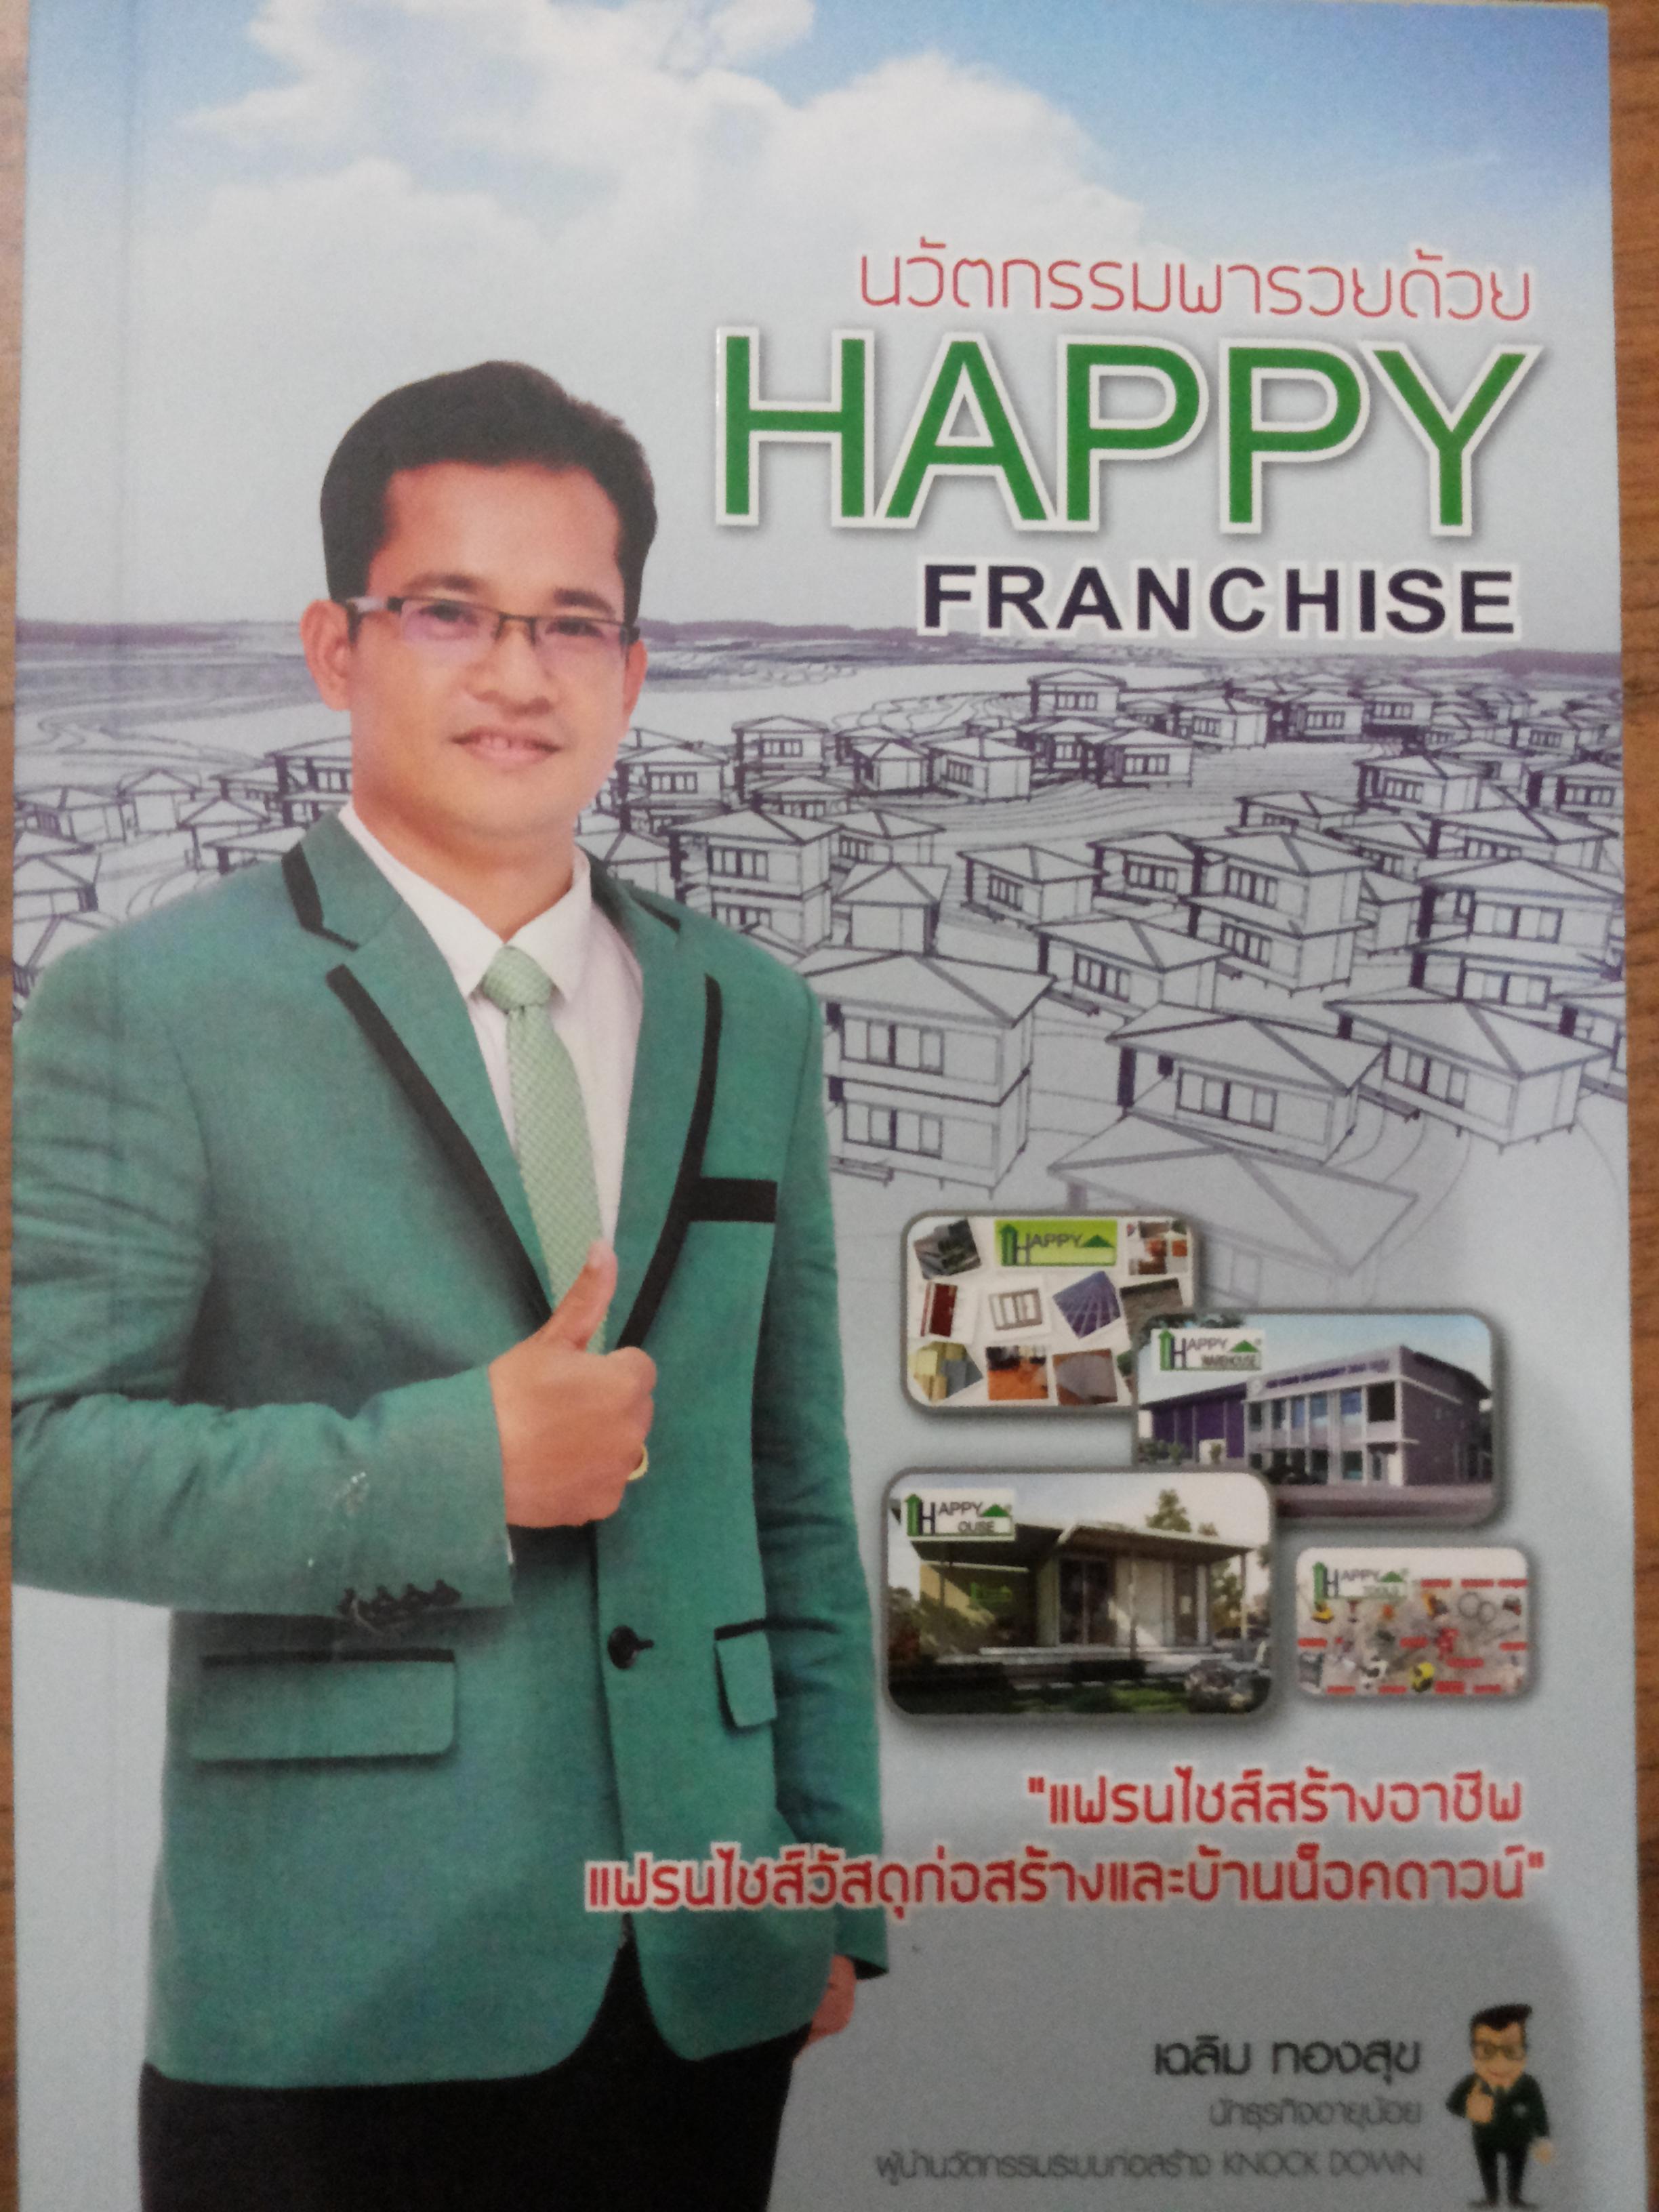 นวัตกรรมพารวยด้วย HAPPY FRANCHISE